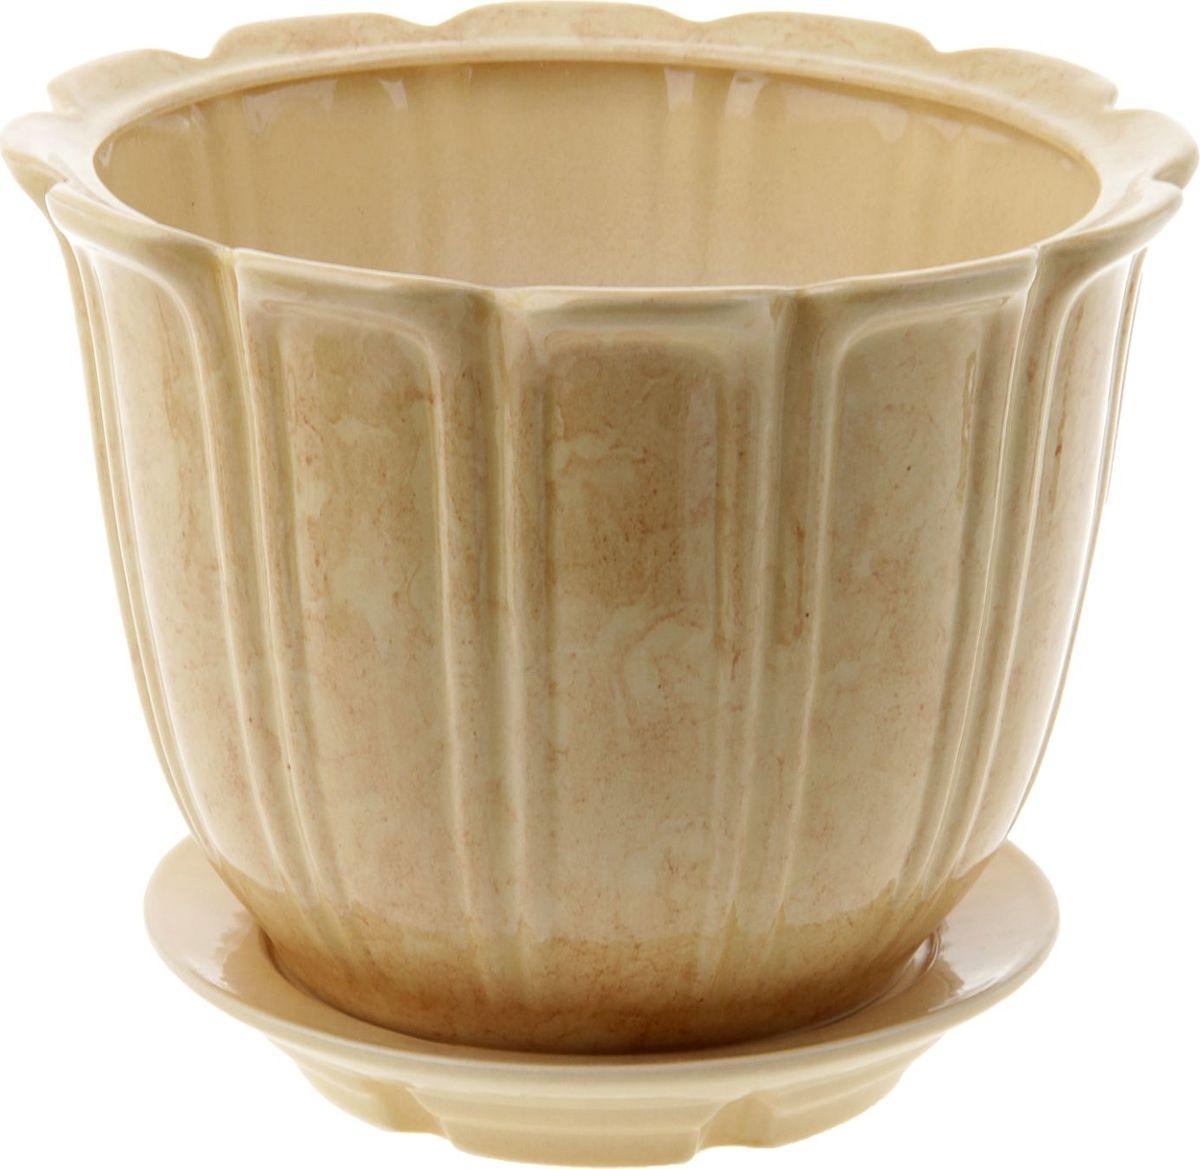 Кашпо Элита, цвет: кремовый, 5,5 л840725Комнатные растения - всеобщие любимцы. Они радуют глаз, насыщают помещение кислородом и украшают пространство. Каждому из них необходим свой удобный и красивый дом. Кашпо из керамики прекрасно подходят для высадки растений: за счет пластичности глины и разных способов обработки существует великое множество форм и дизайнов пористый материал позволяет испаряться лишней влаге воздух, необходимый для дыхания корней, проникает сквозь керамические стенки! Позаботится о зеленом питомце, освежит интерьер и подчеркнет его стиль.